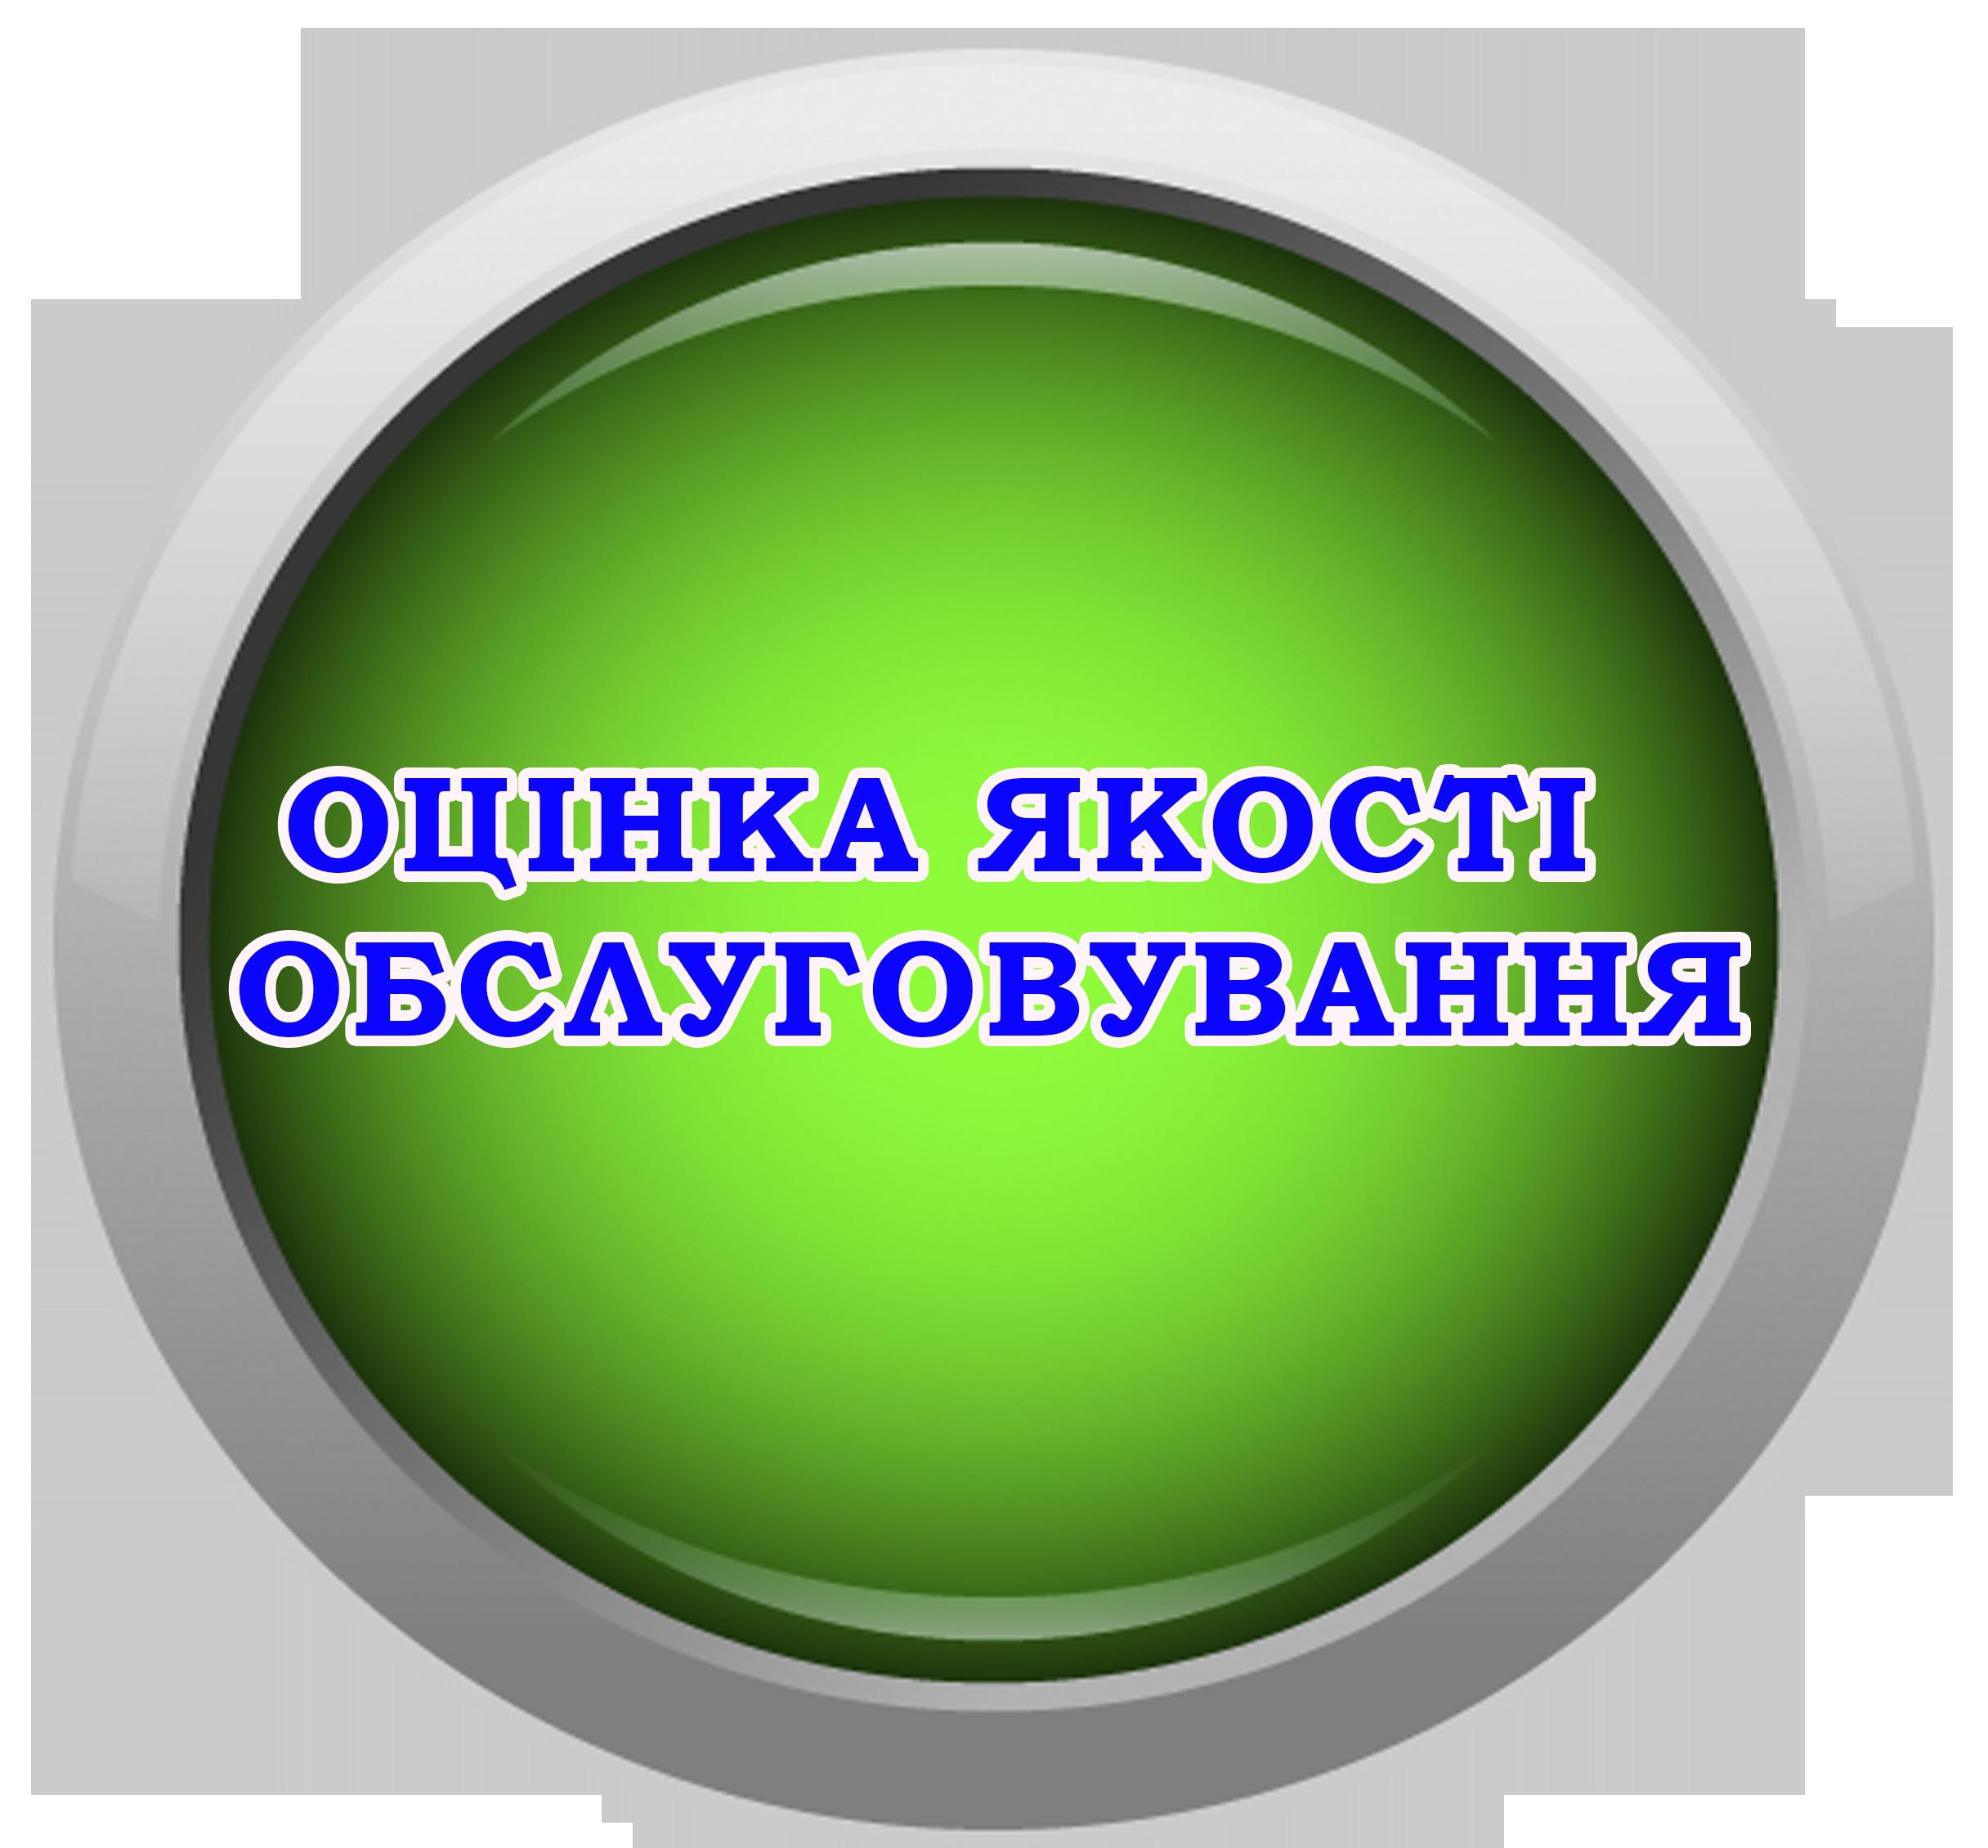 ОЦІНКА ЯКОСТІ ОБСЛУГОВУВАННЯ кнопка